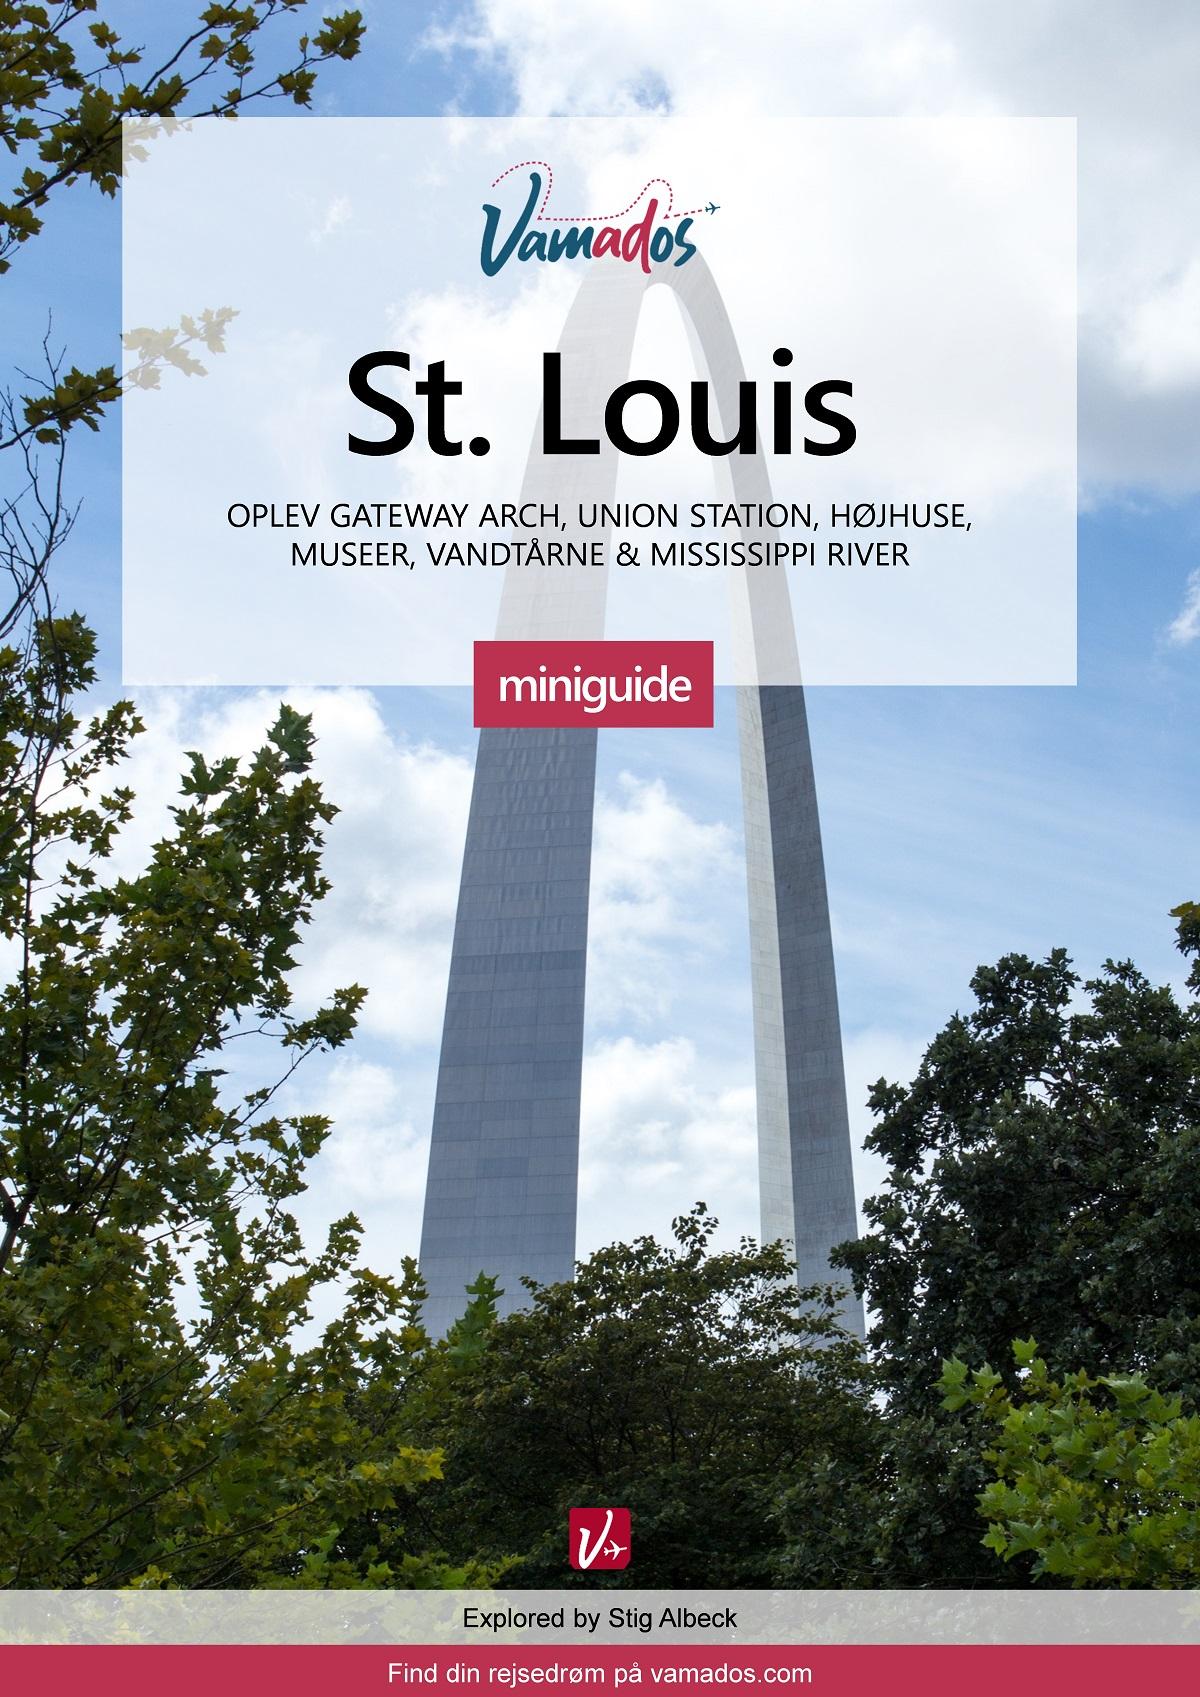 Vamados St. Louis